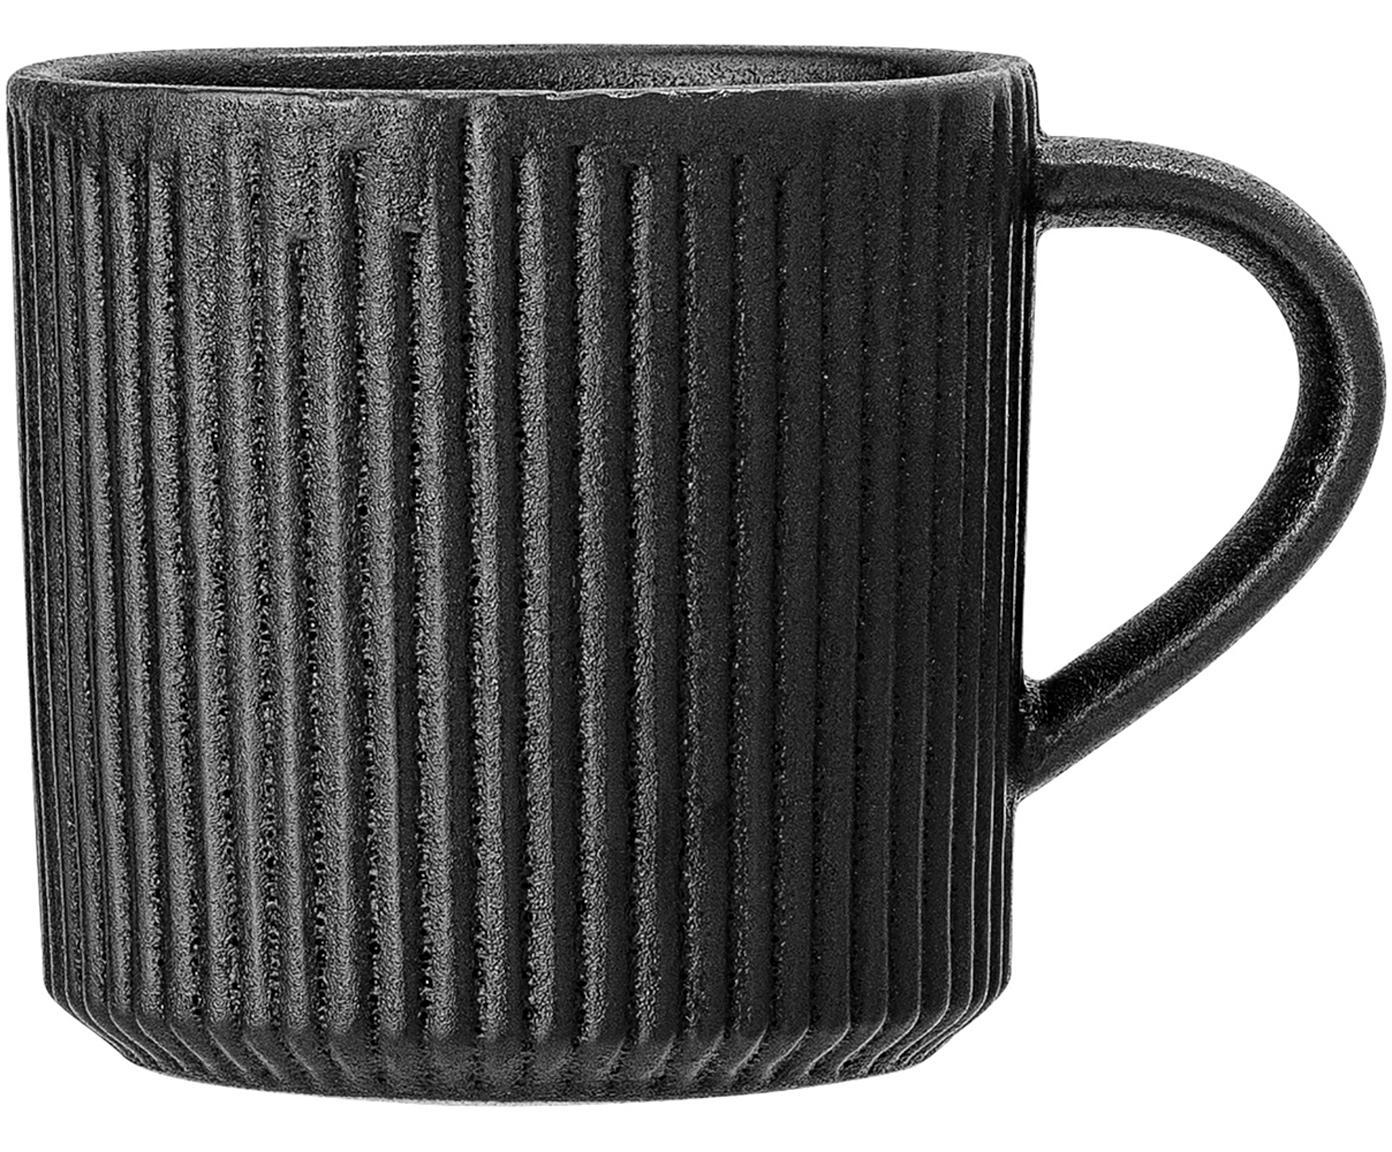 Tazas con relieves Neri, 2uds., Gres, Negro, Ø 9 x Al 9 cm